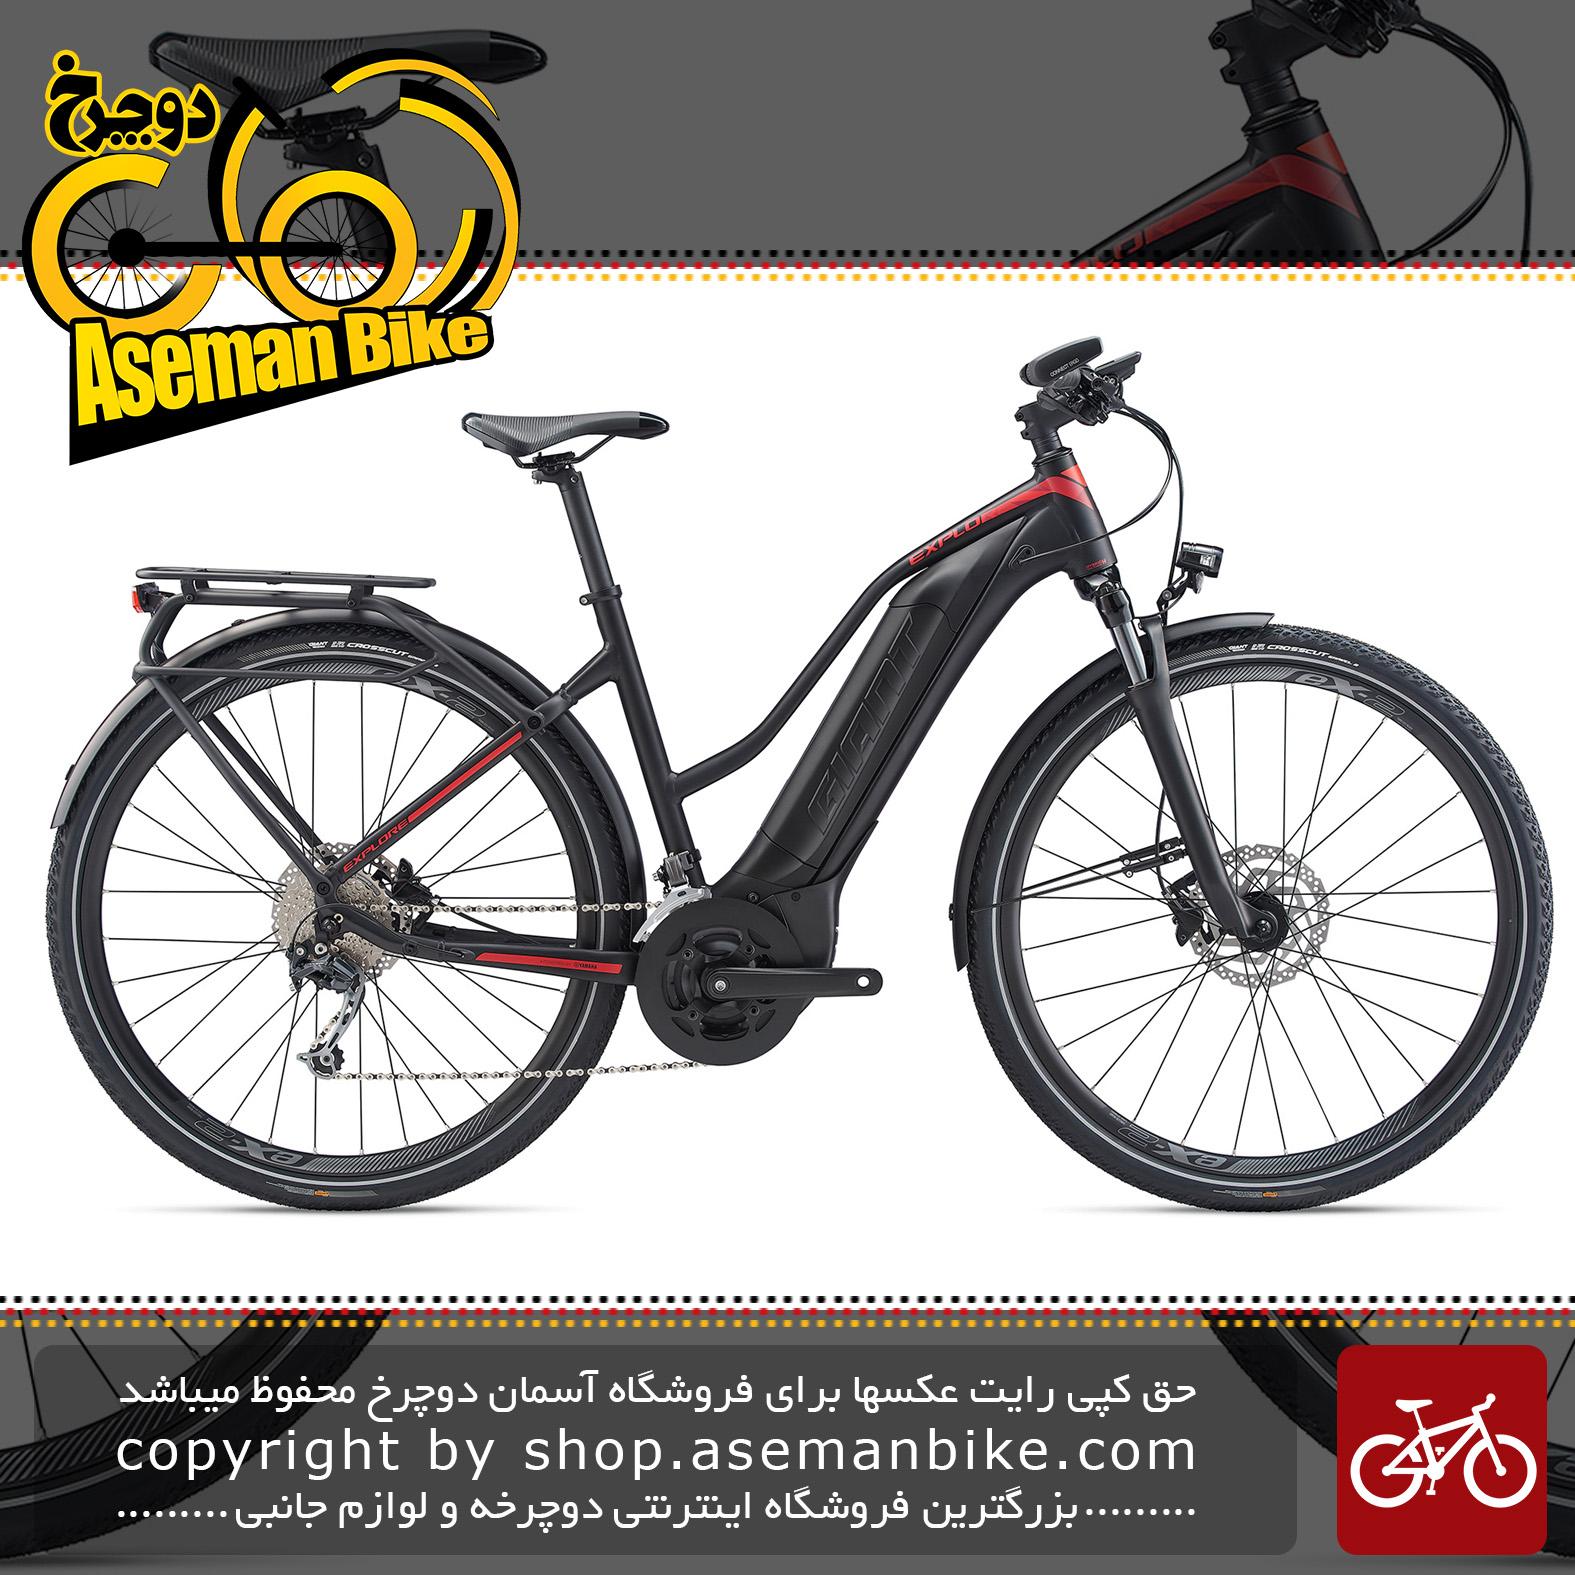 دوچرخه دومنظوره برقی جاینت مدل اکسپلور ای پلاس 2 اس تی ای 2020 Giant Trekking Bicycle Explore E+ 2 STA 2020